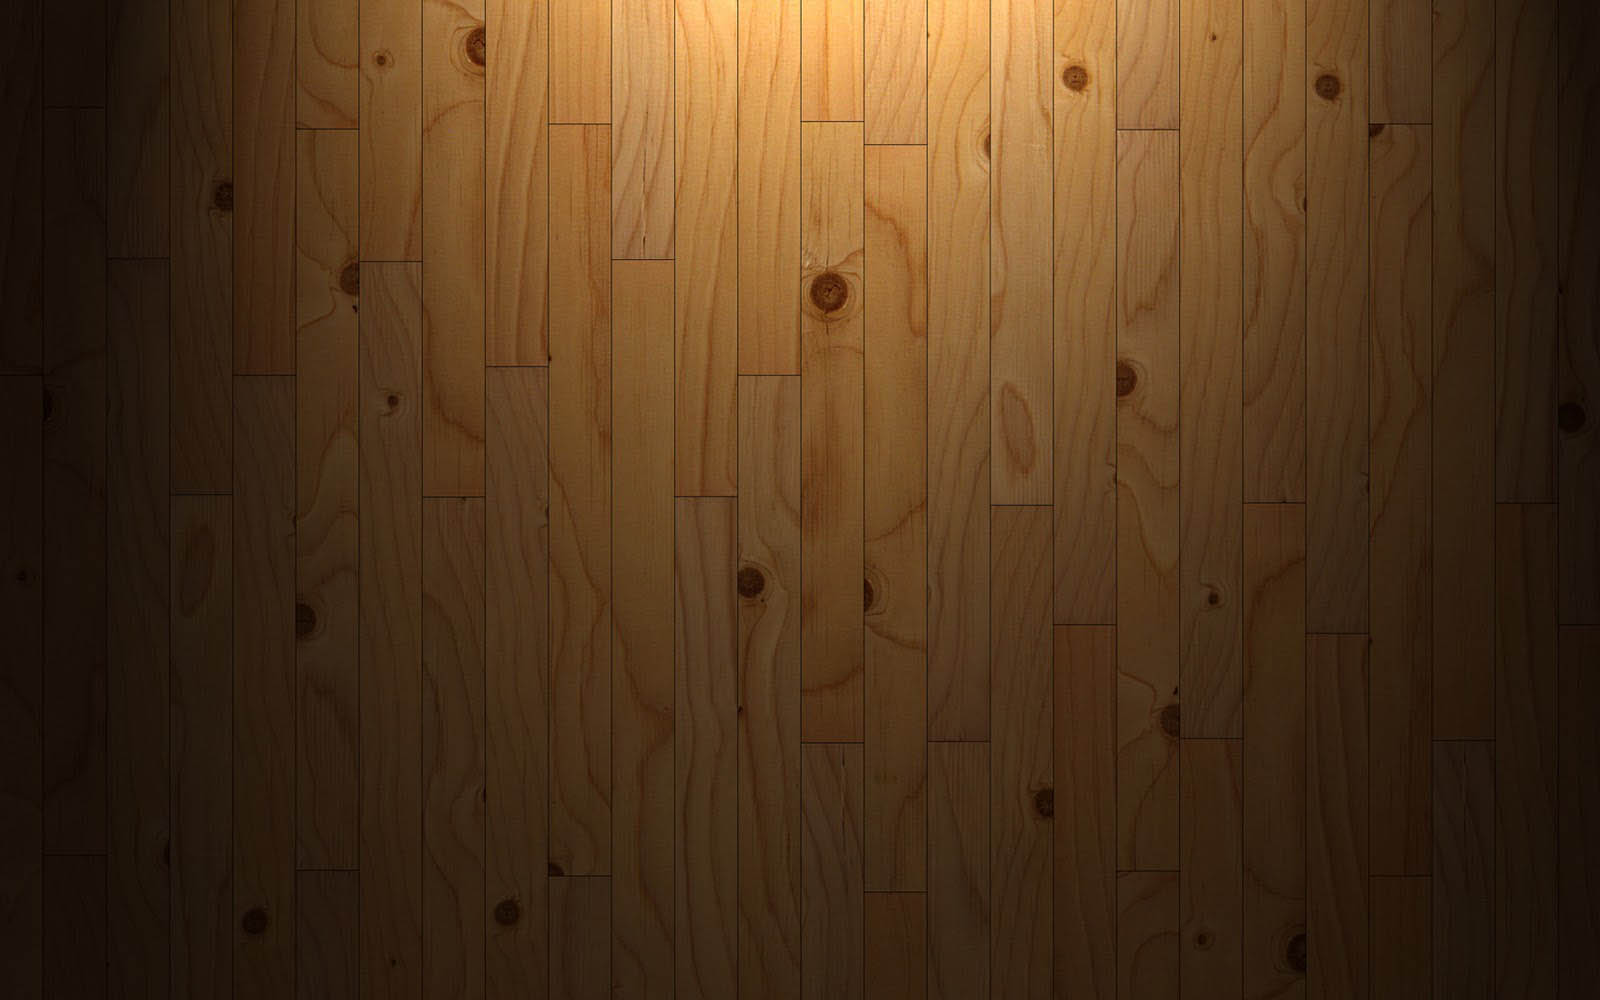 Gambar-gambar corak kayu